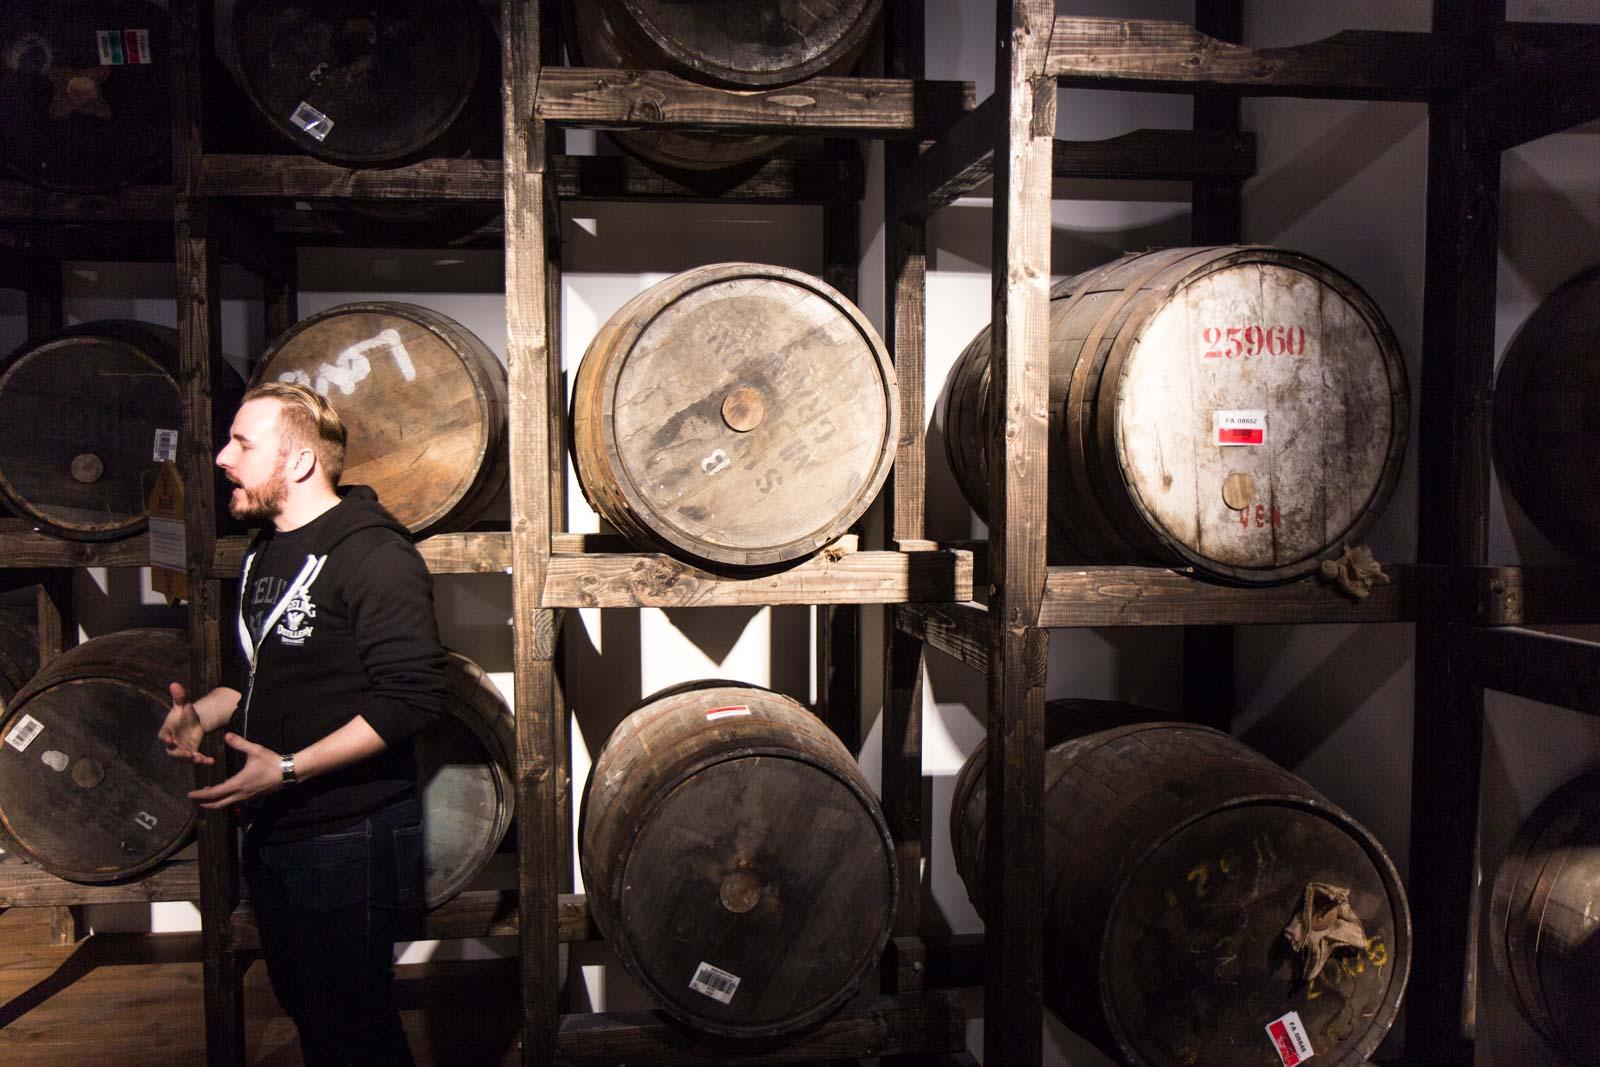 Teeling Whiskey distillery tour, Dublin, Ireland